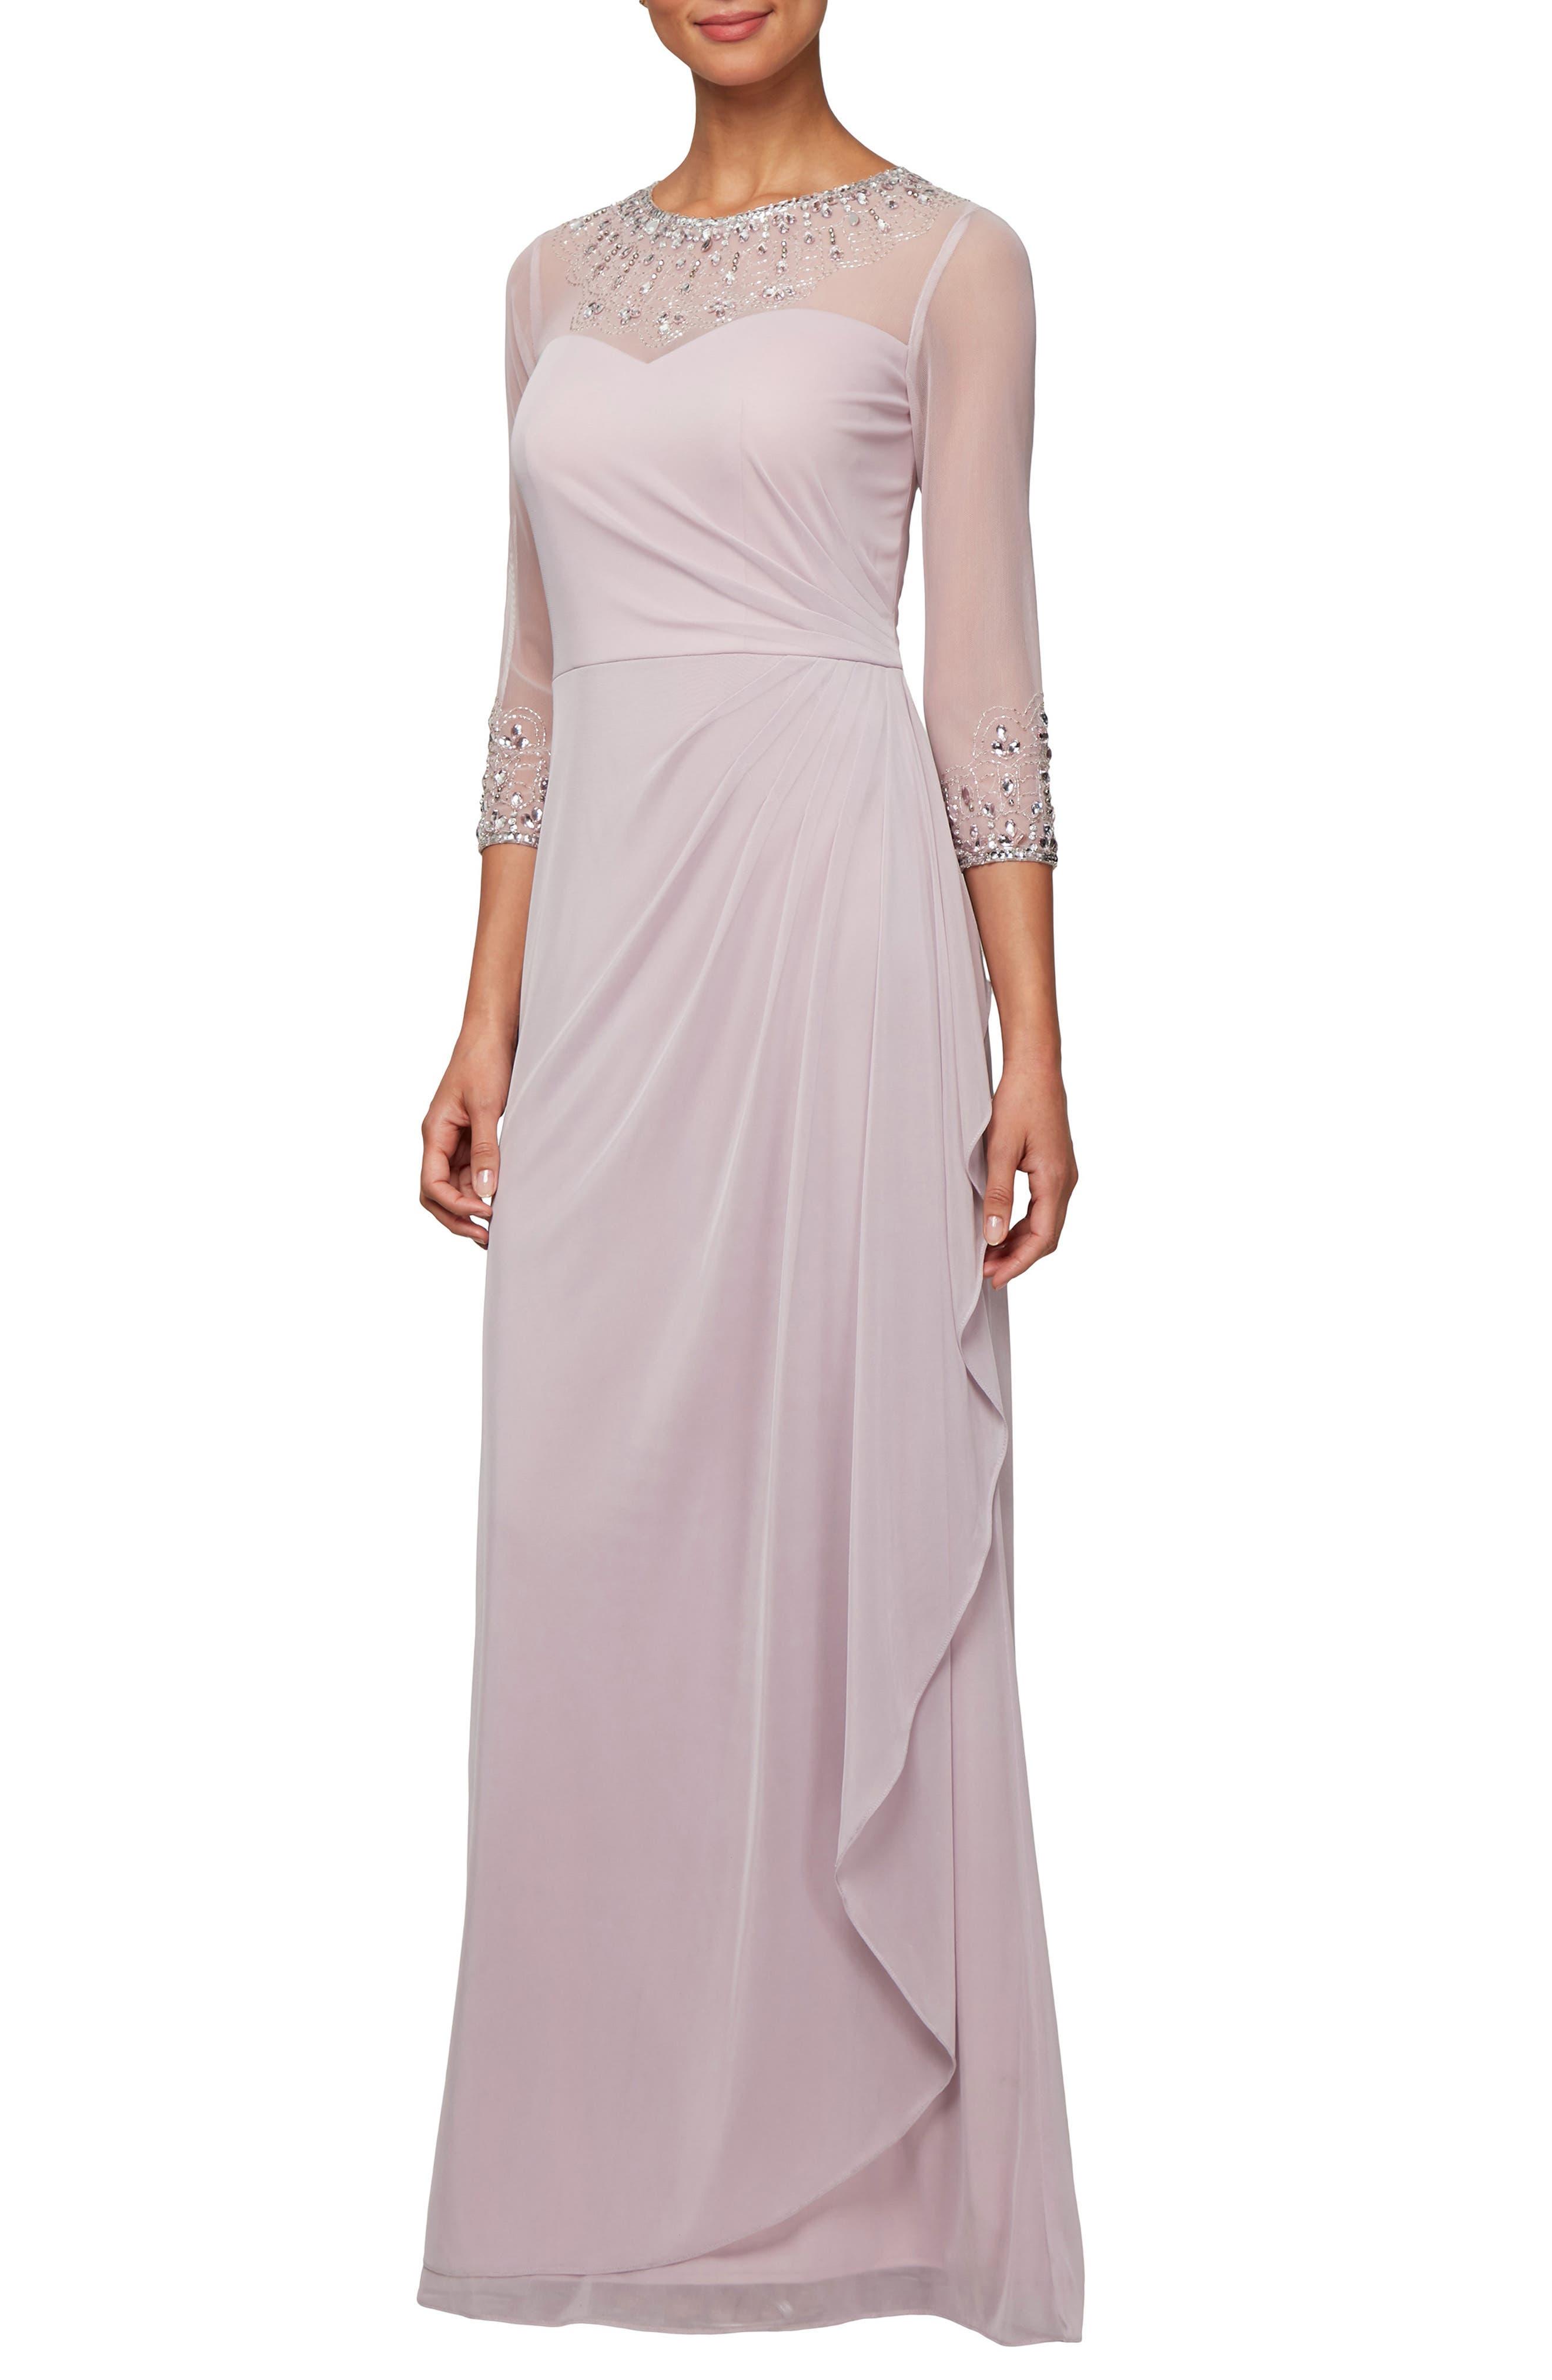 Formal Cream Dresses